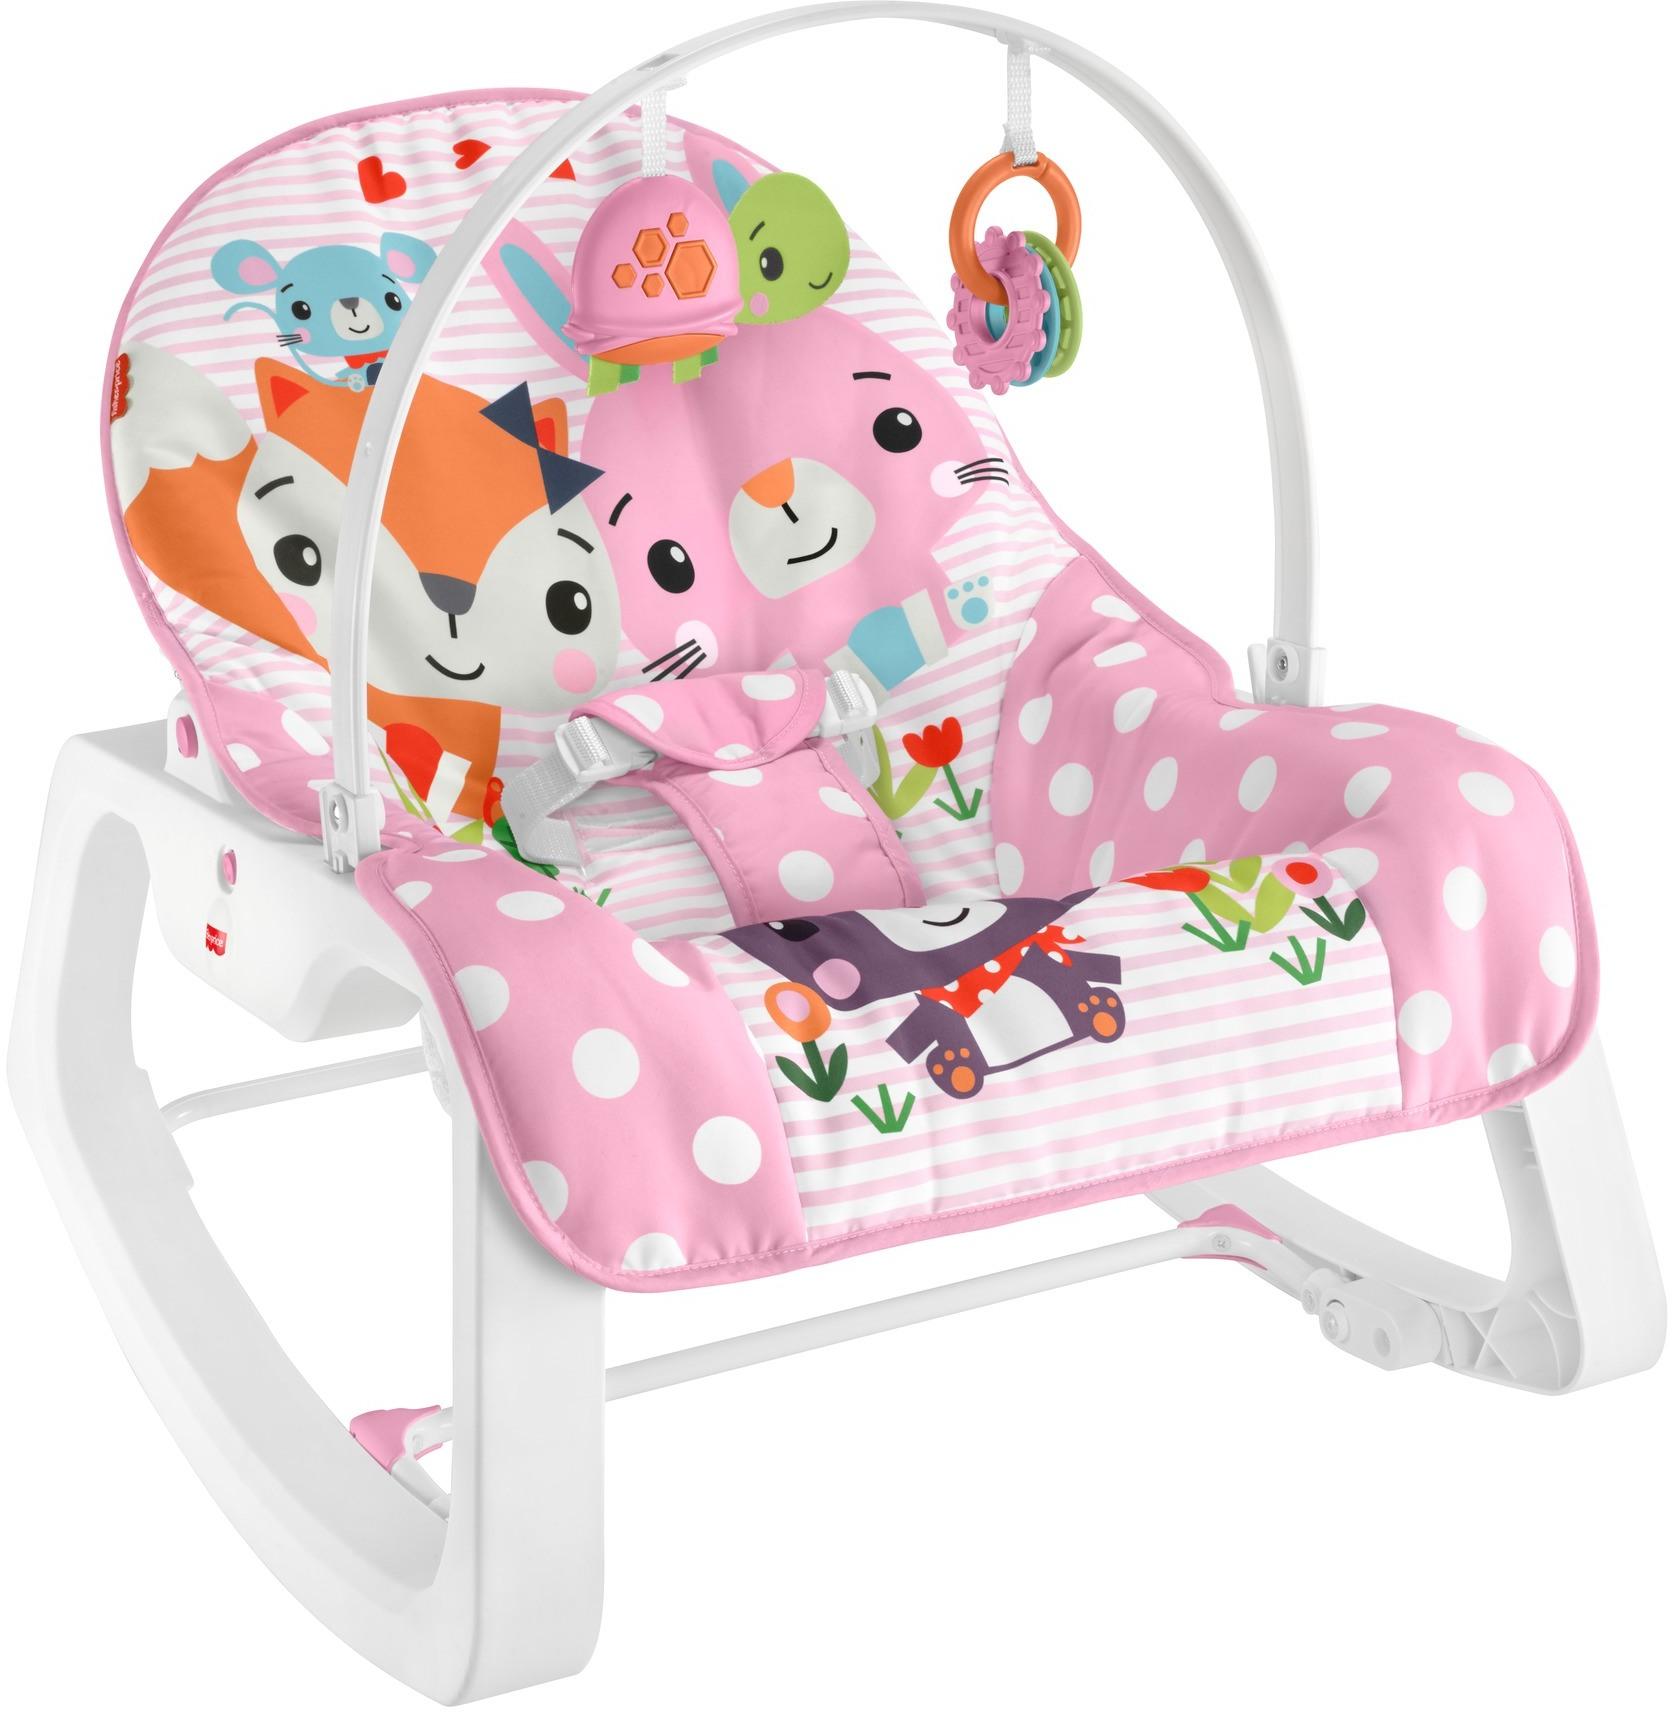 Fisher Price массажное кресло-качели Фишер прайс НЕЗАБЫВАЕМОЕ КАЧАНИЕ с лисичкой от 0 до 18 кг